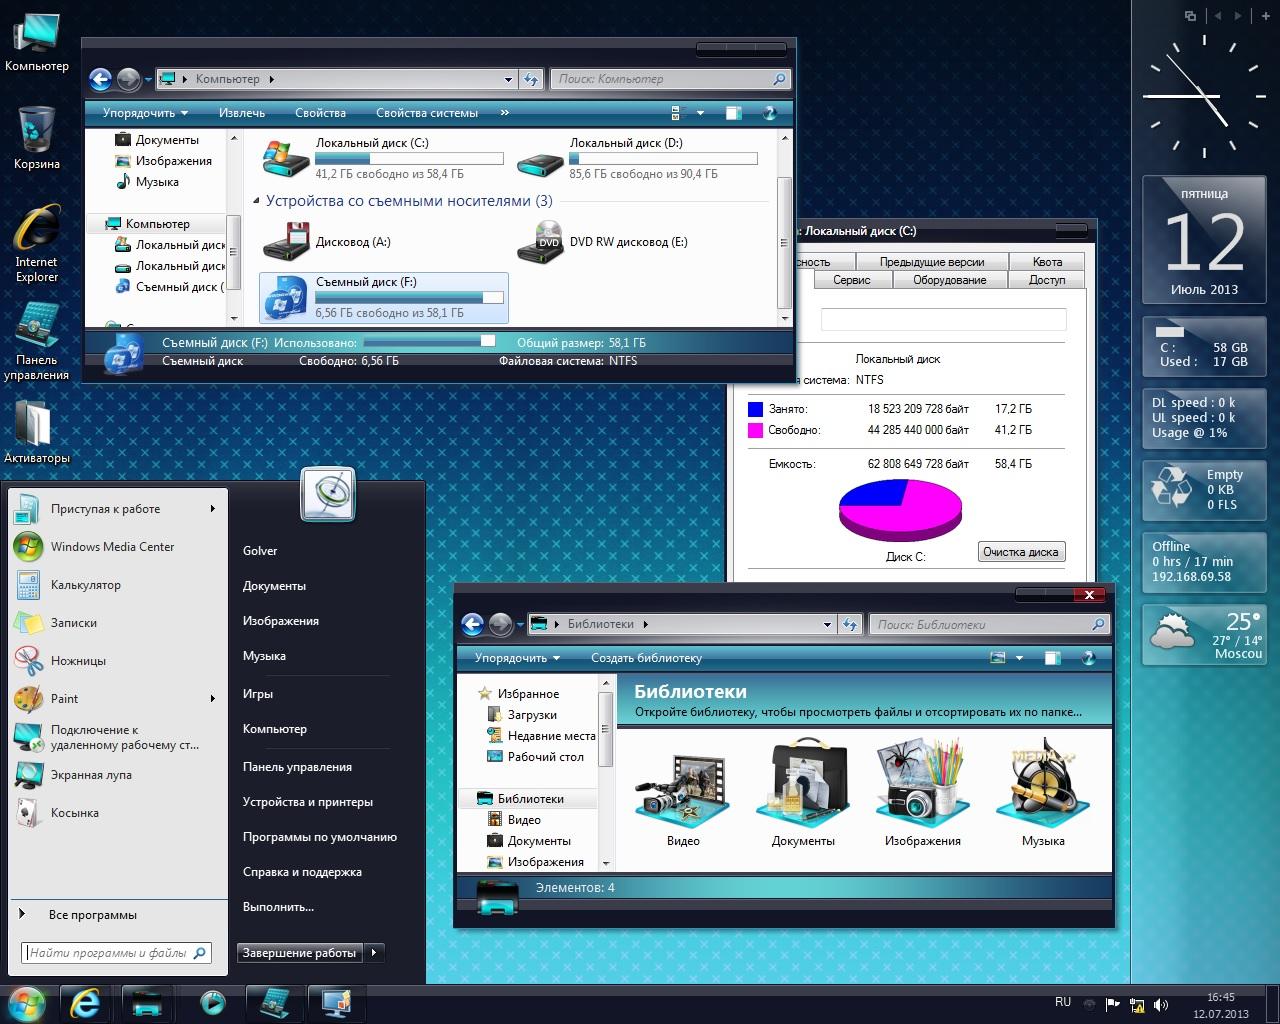 Скачать авторские сборки windows 7